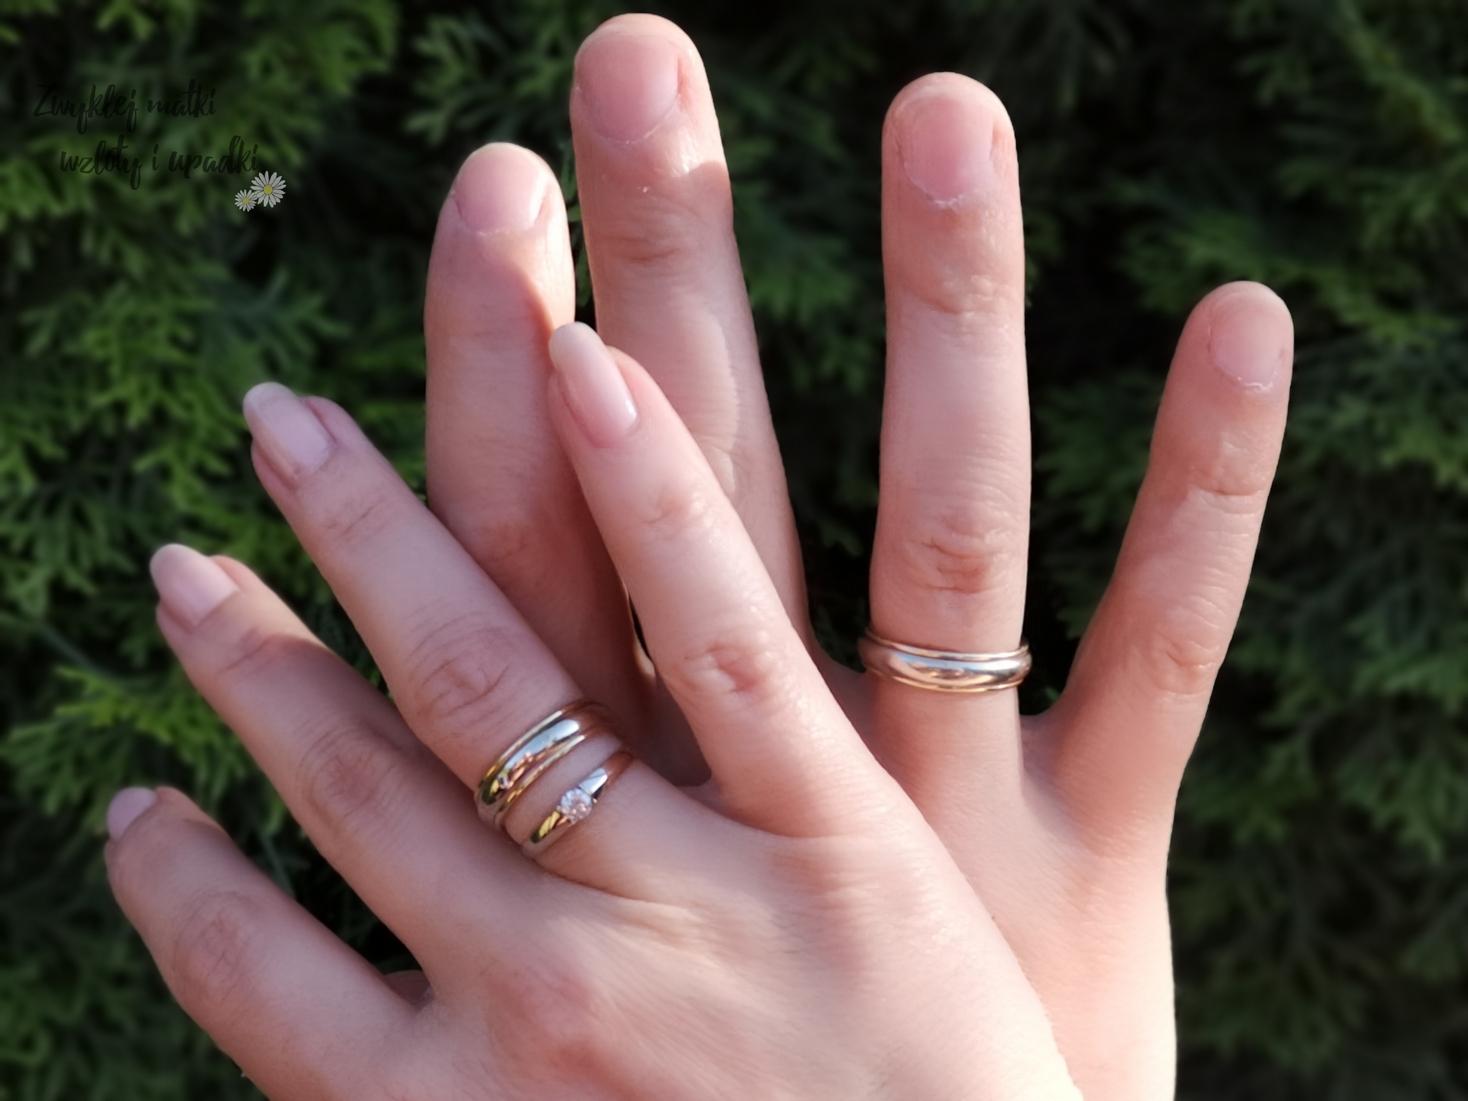 Przemoc psychiczna w małżeństwie, czyli Zimny kolor nieba